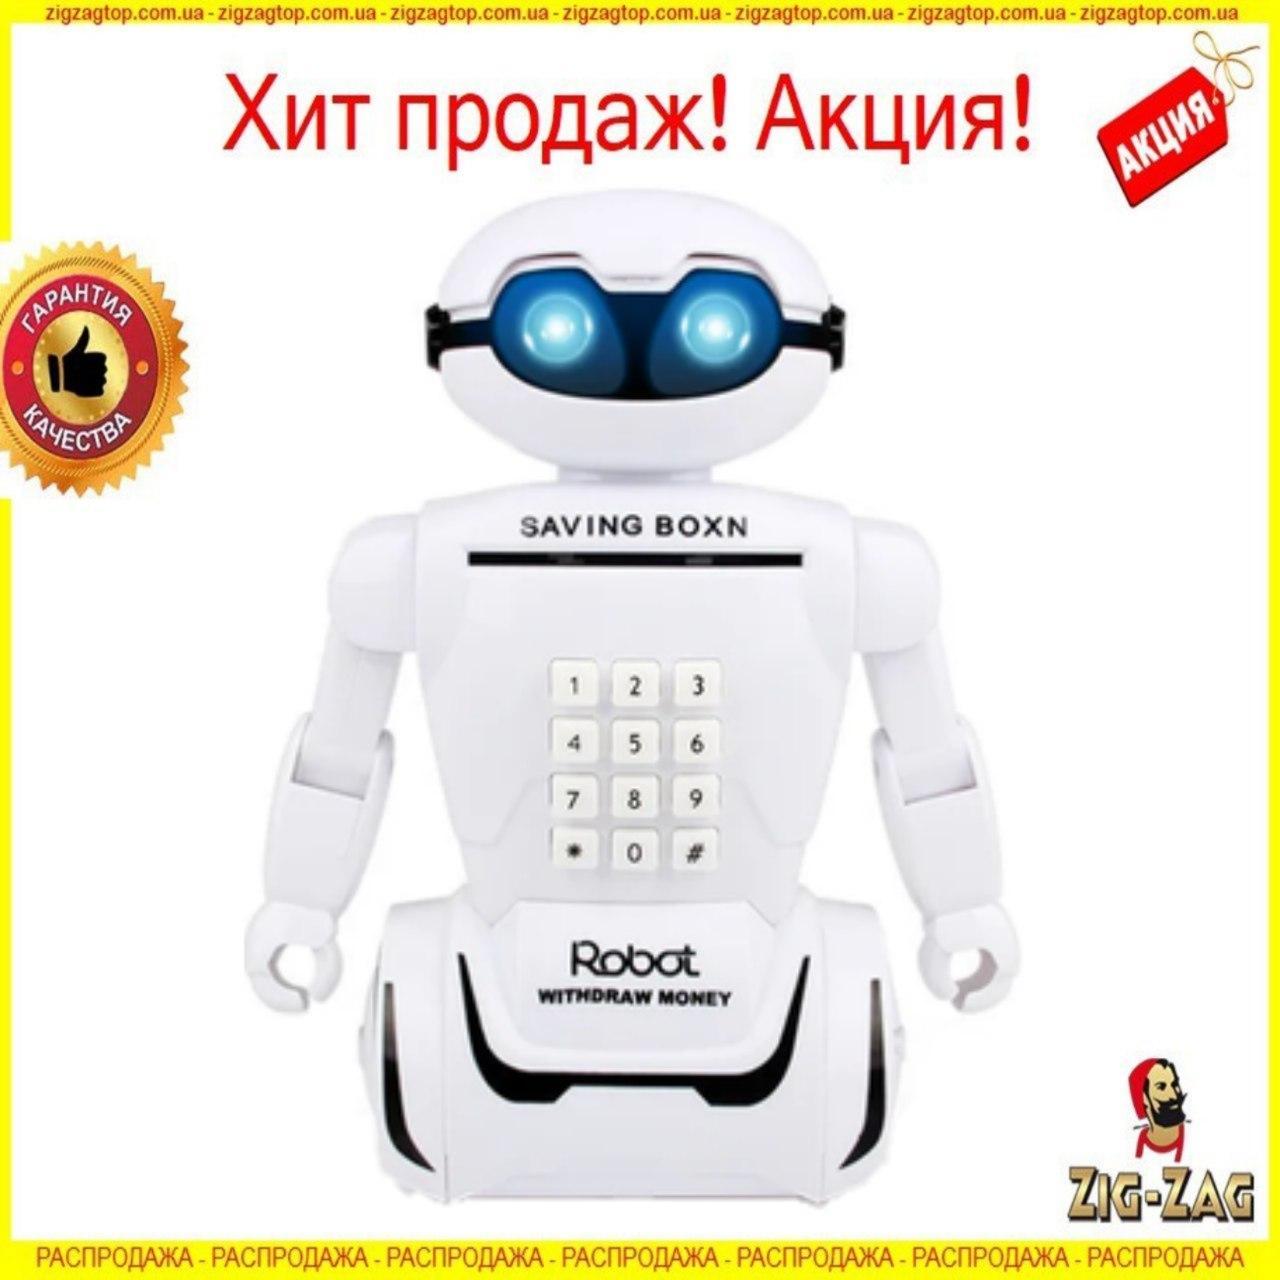 Багатофункціональний дитячий рухливий робот 3в1 (лампа+музика+скарбничка) ROBOT PIGGY BANK їздить 10 мелодій